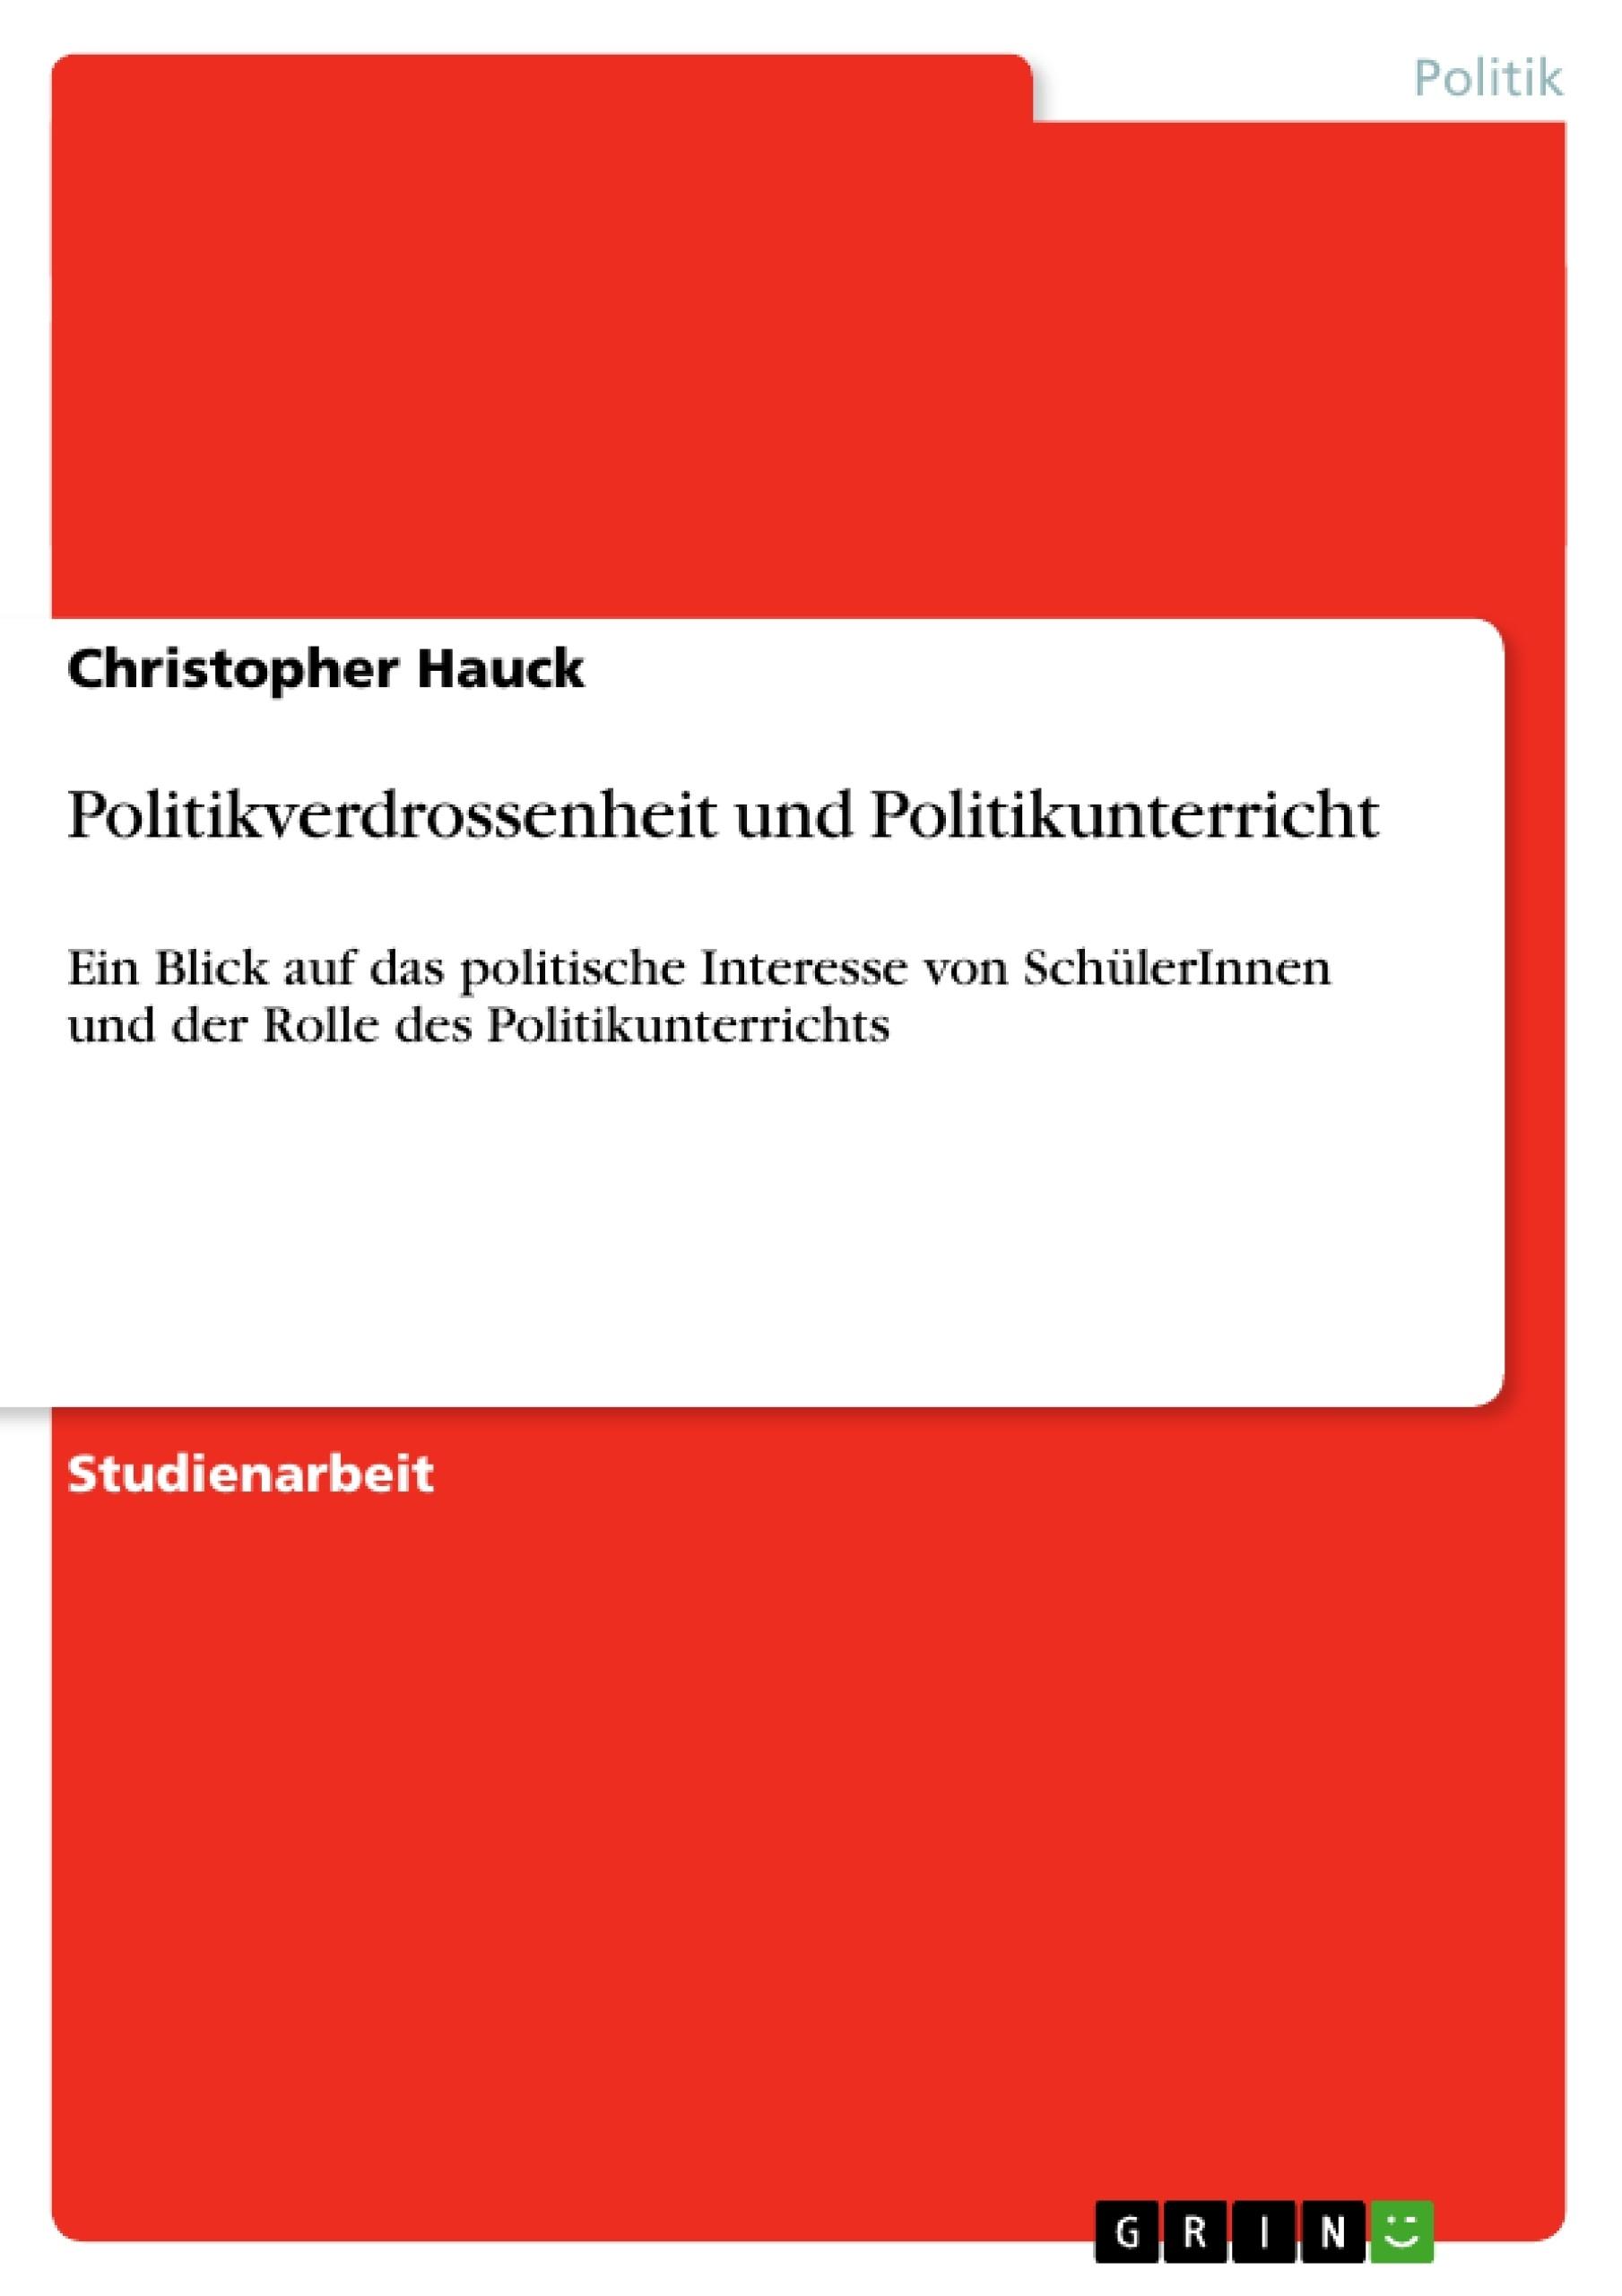 Titel: Politikverdrossenheit und Politikunterricht